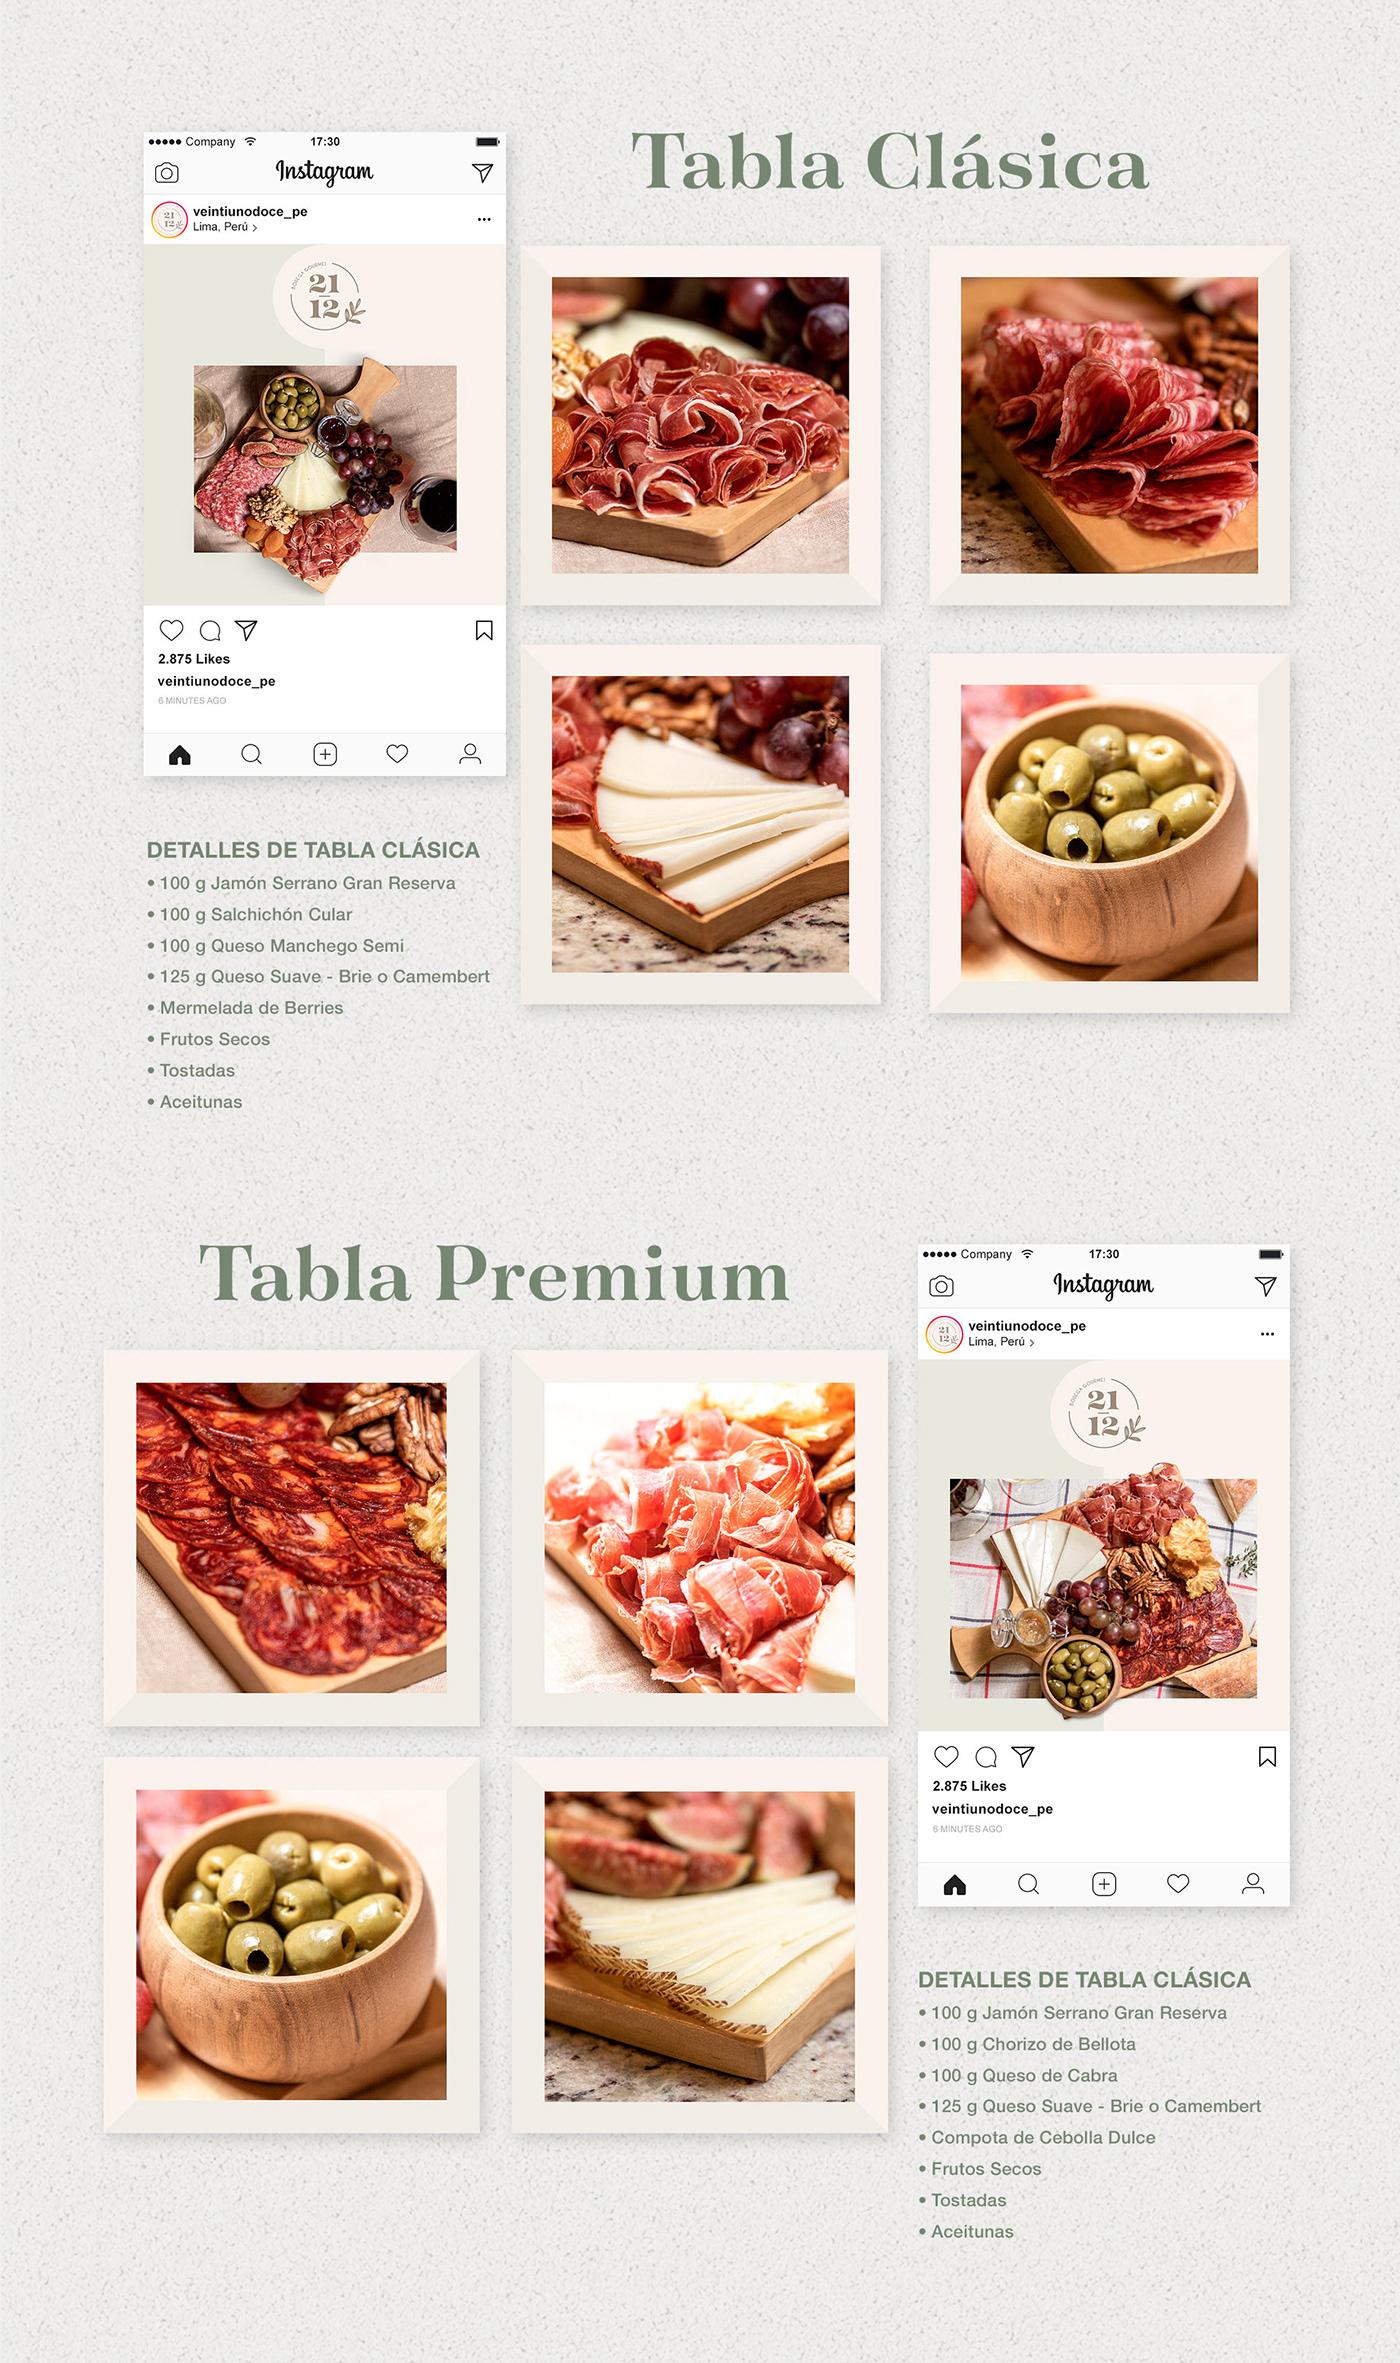 bodega gourmet facebook gourmet instagram jamones quesos redes sociales social media tablas tablas de quesos